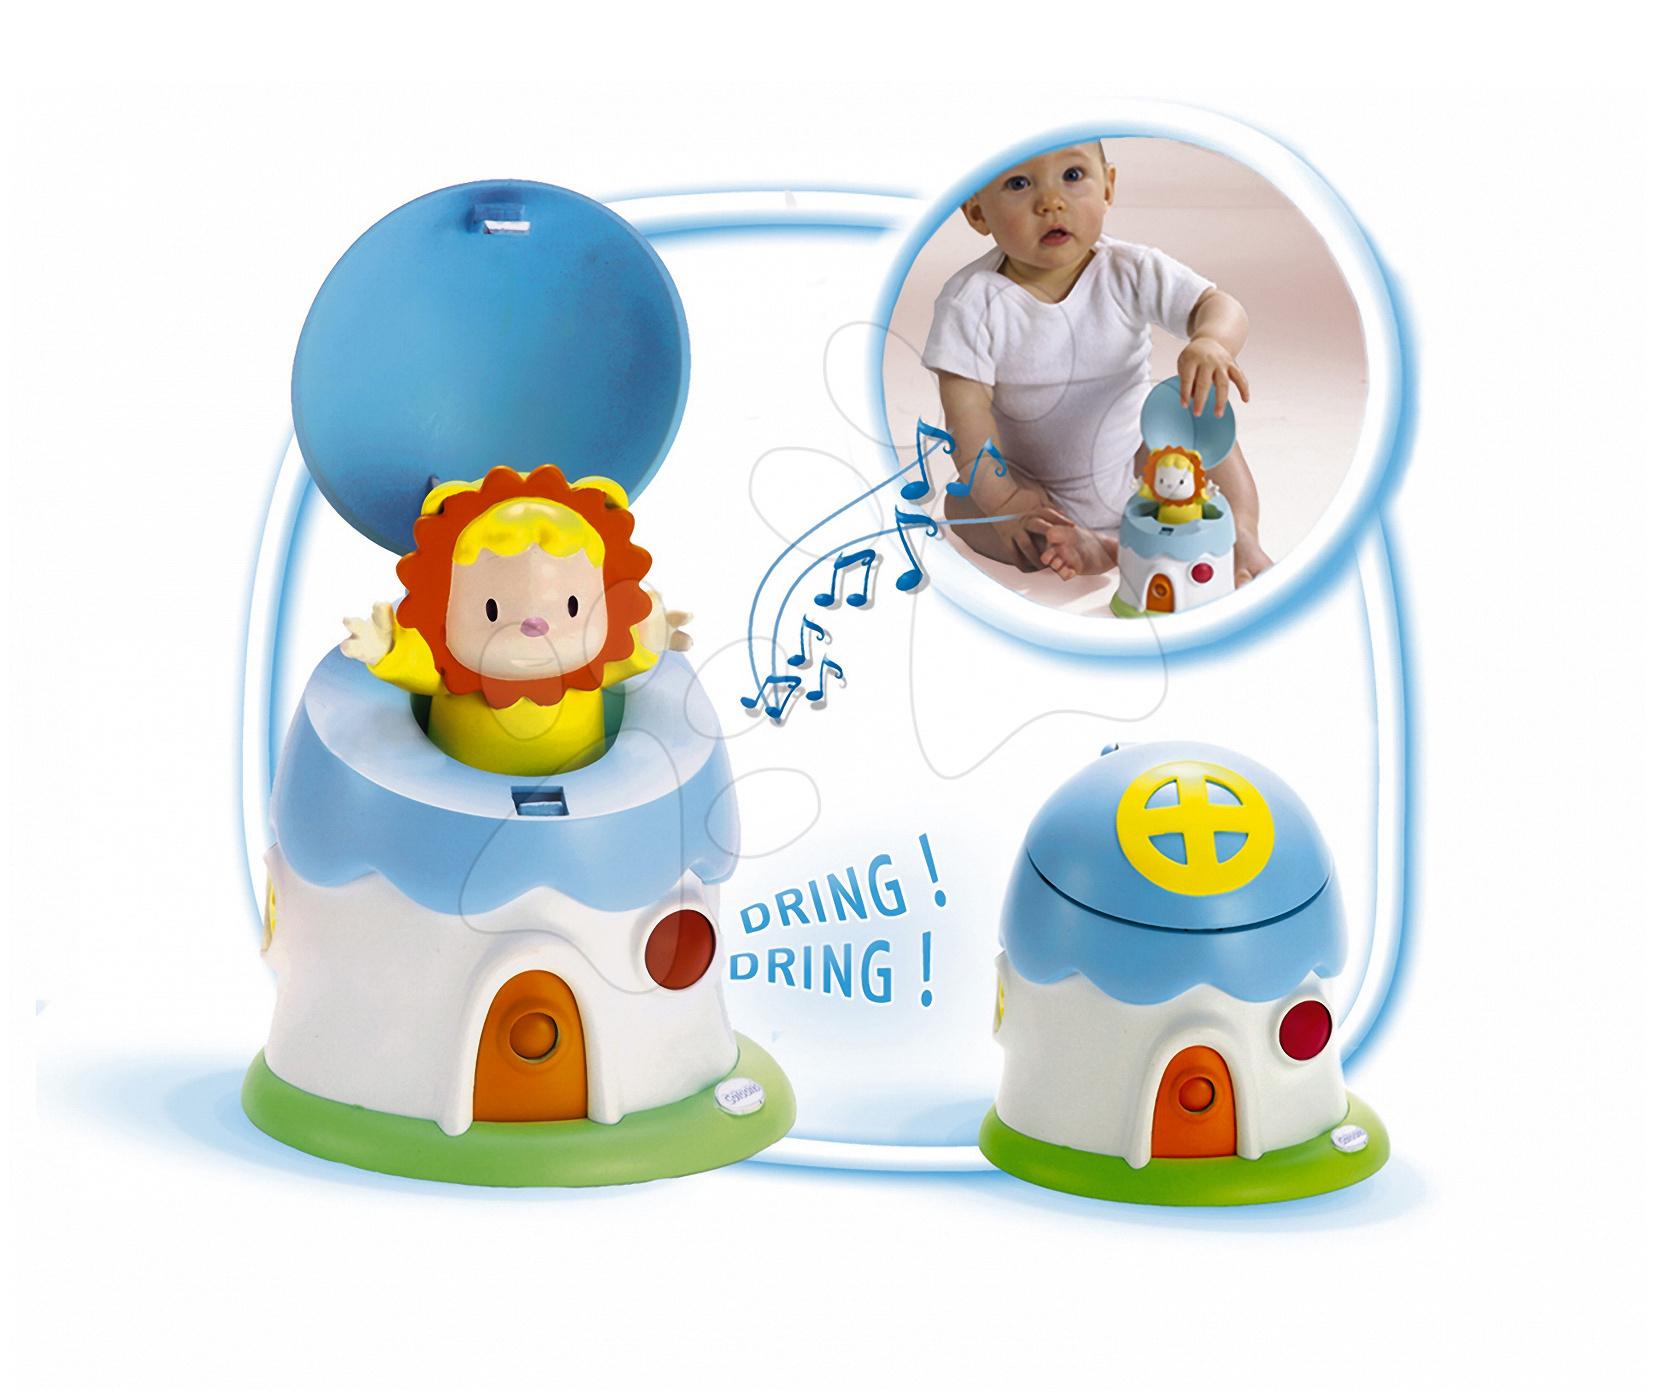 Hračky zvukové - Domek s překvapením Cotoons Smoby se zvuky pro kojence modro-bílý od 6 měsíců